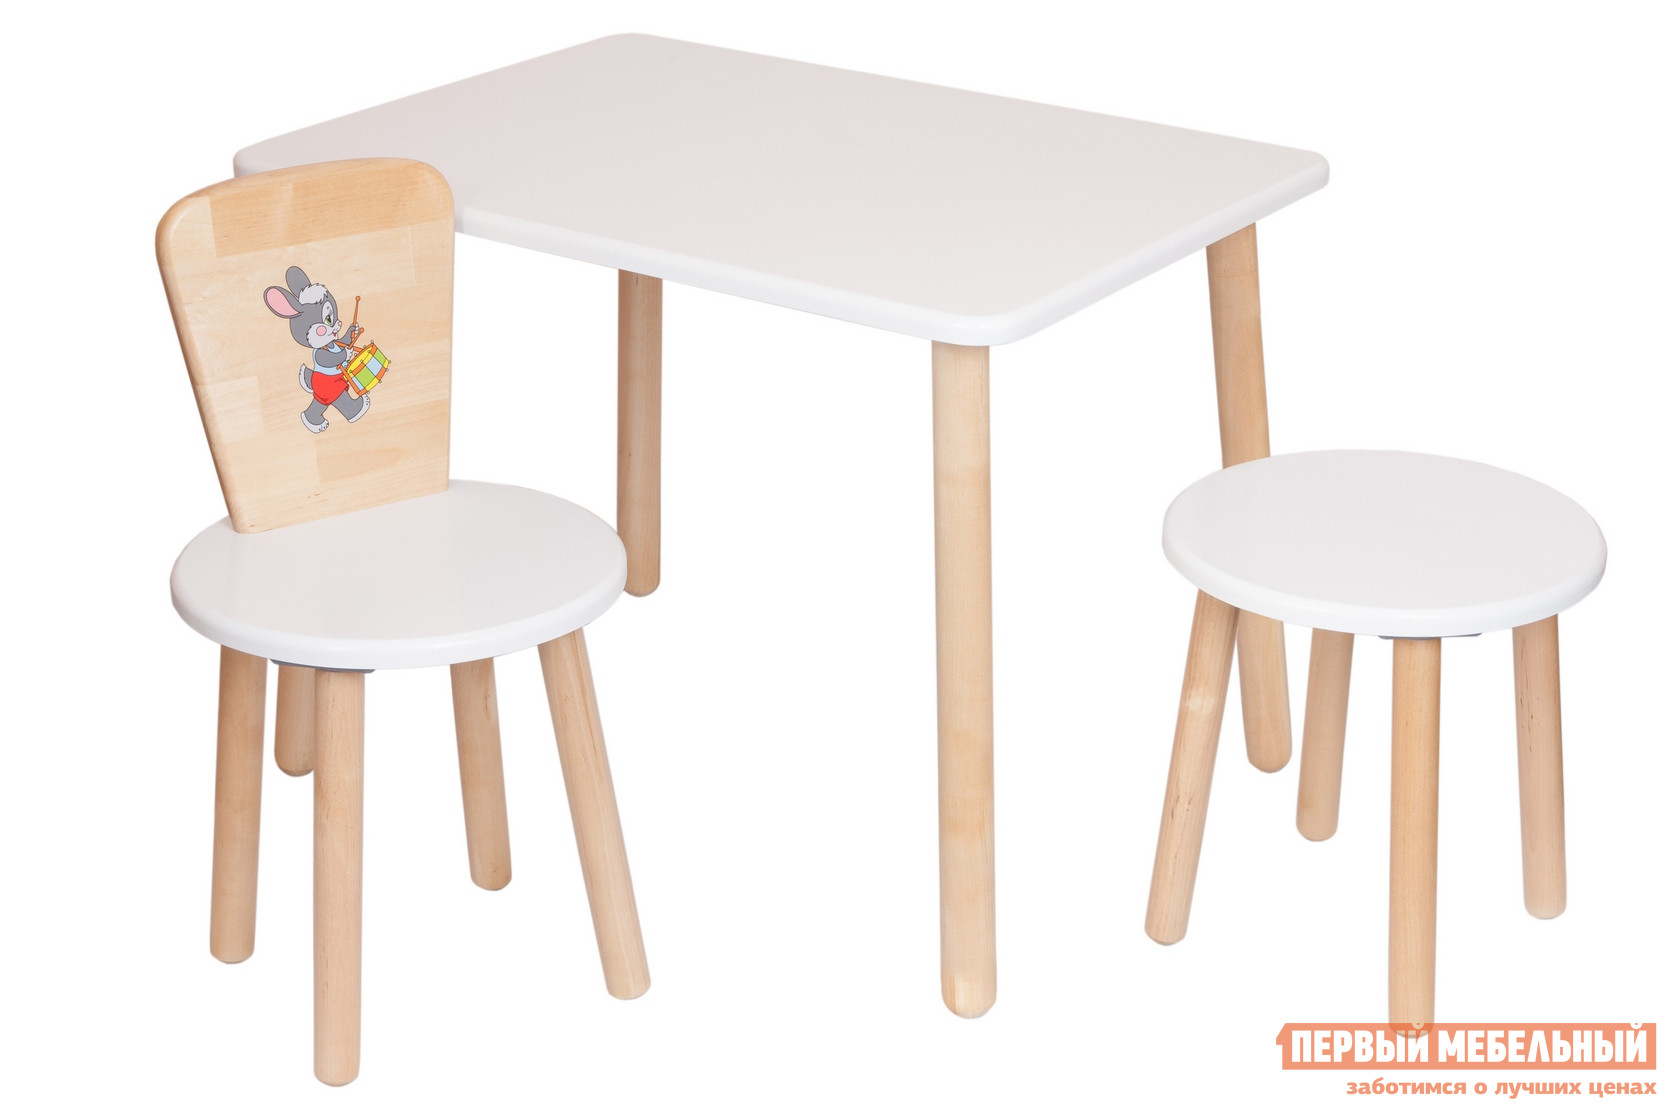 Столик и стульчик РусЭкоМебель Набор №2: Стол Большой 70*50 ЭКО+Стул Круглый ЭКО+Табурет ЭКО Эко белый, рис. Зайчик